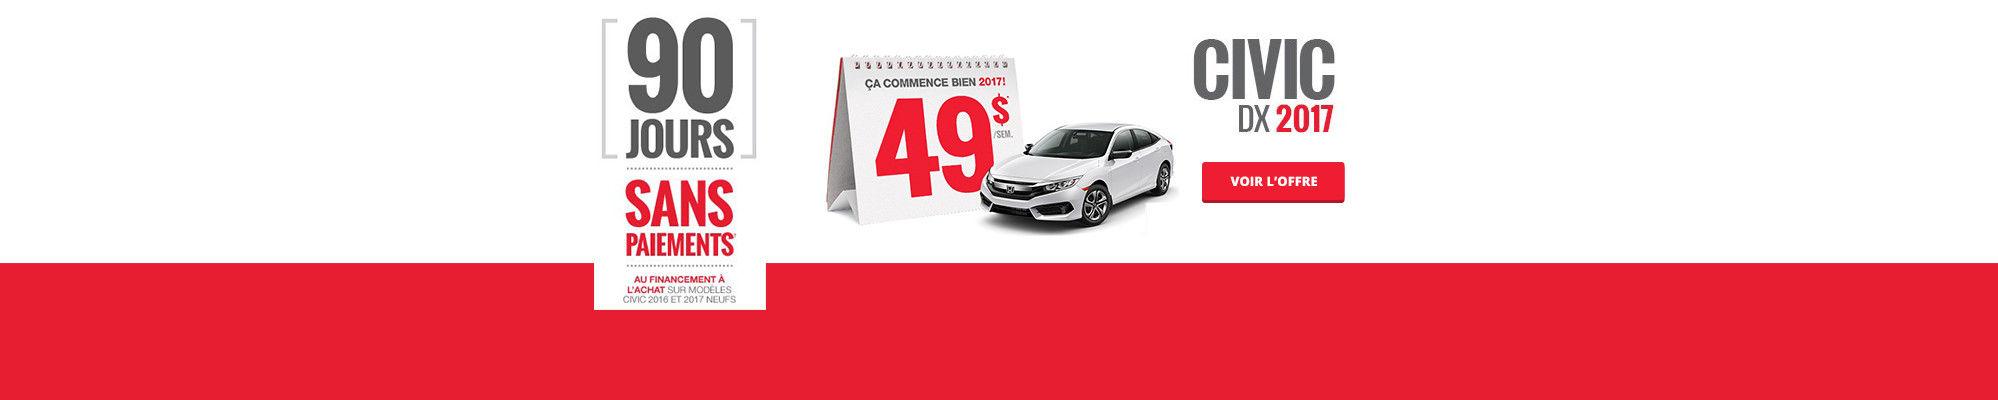 Louez une Honda à partir de 49$ - Civic